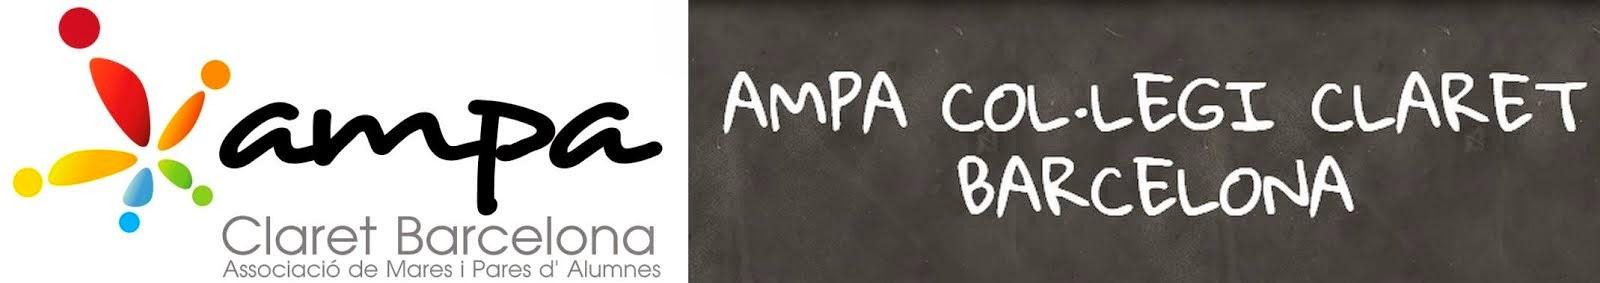 AMPA Col·legi Claret Barcelona